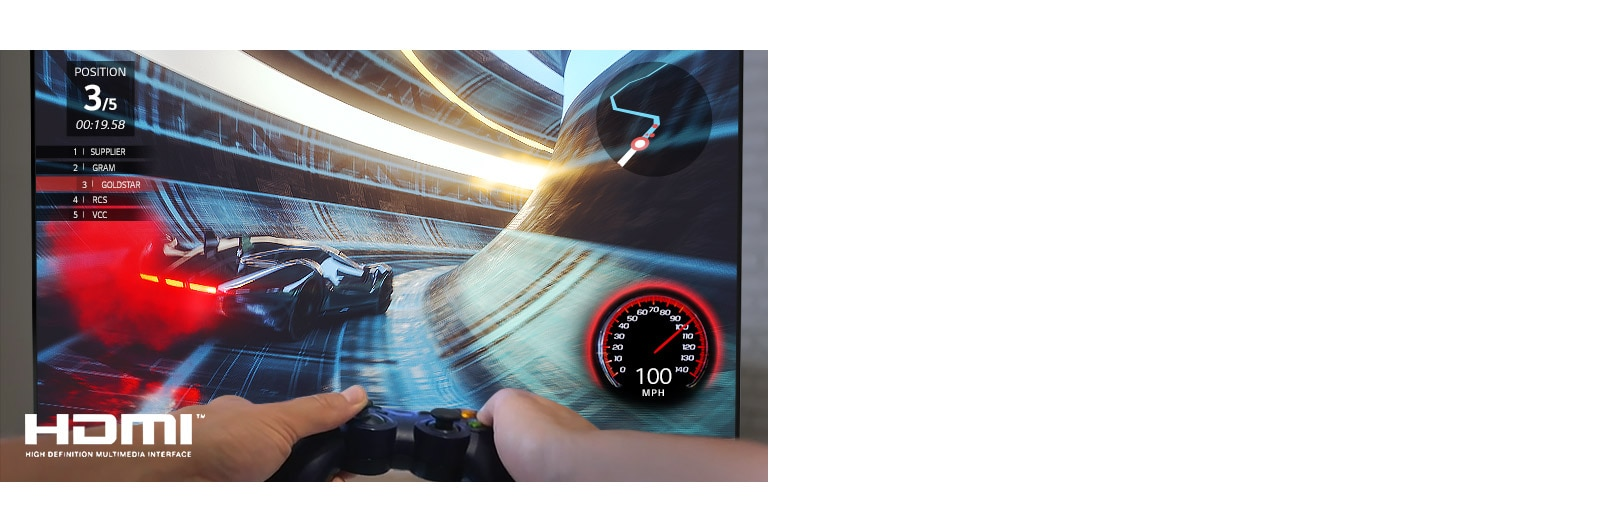 Zbliżenie na gracza grającego w grę wyścigową na ekranie telewizora